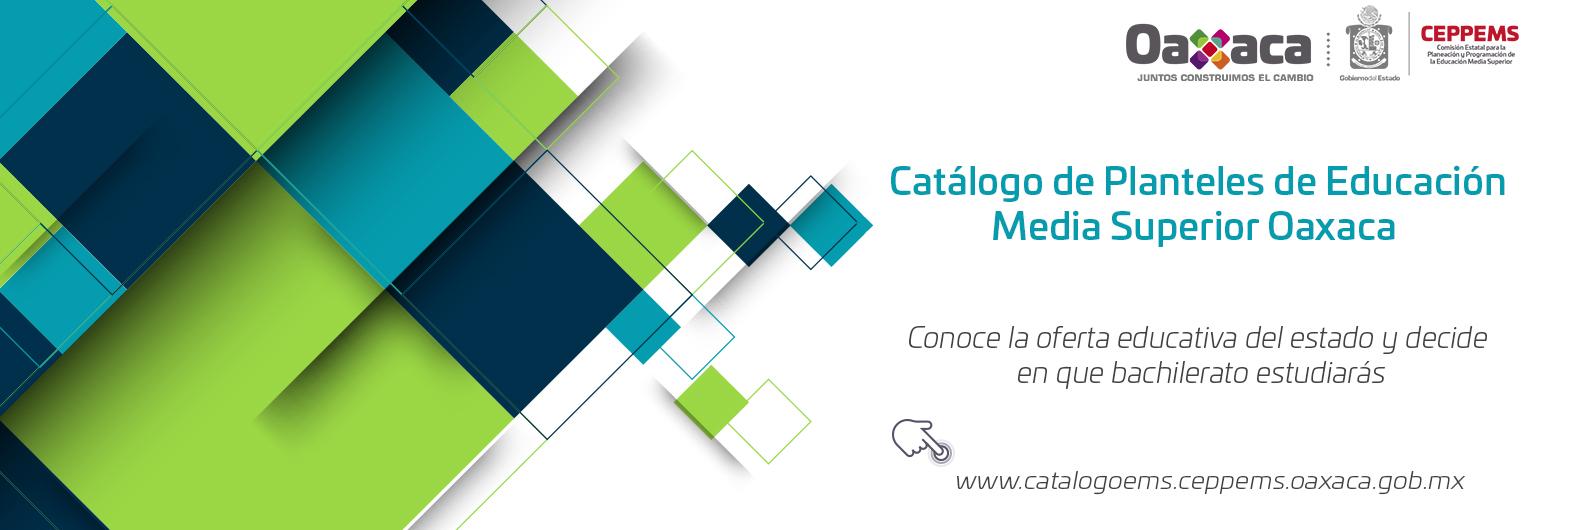 Catálogo de Planteles de Educación Media Superior del Estado de Oaxaca